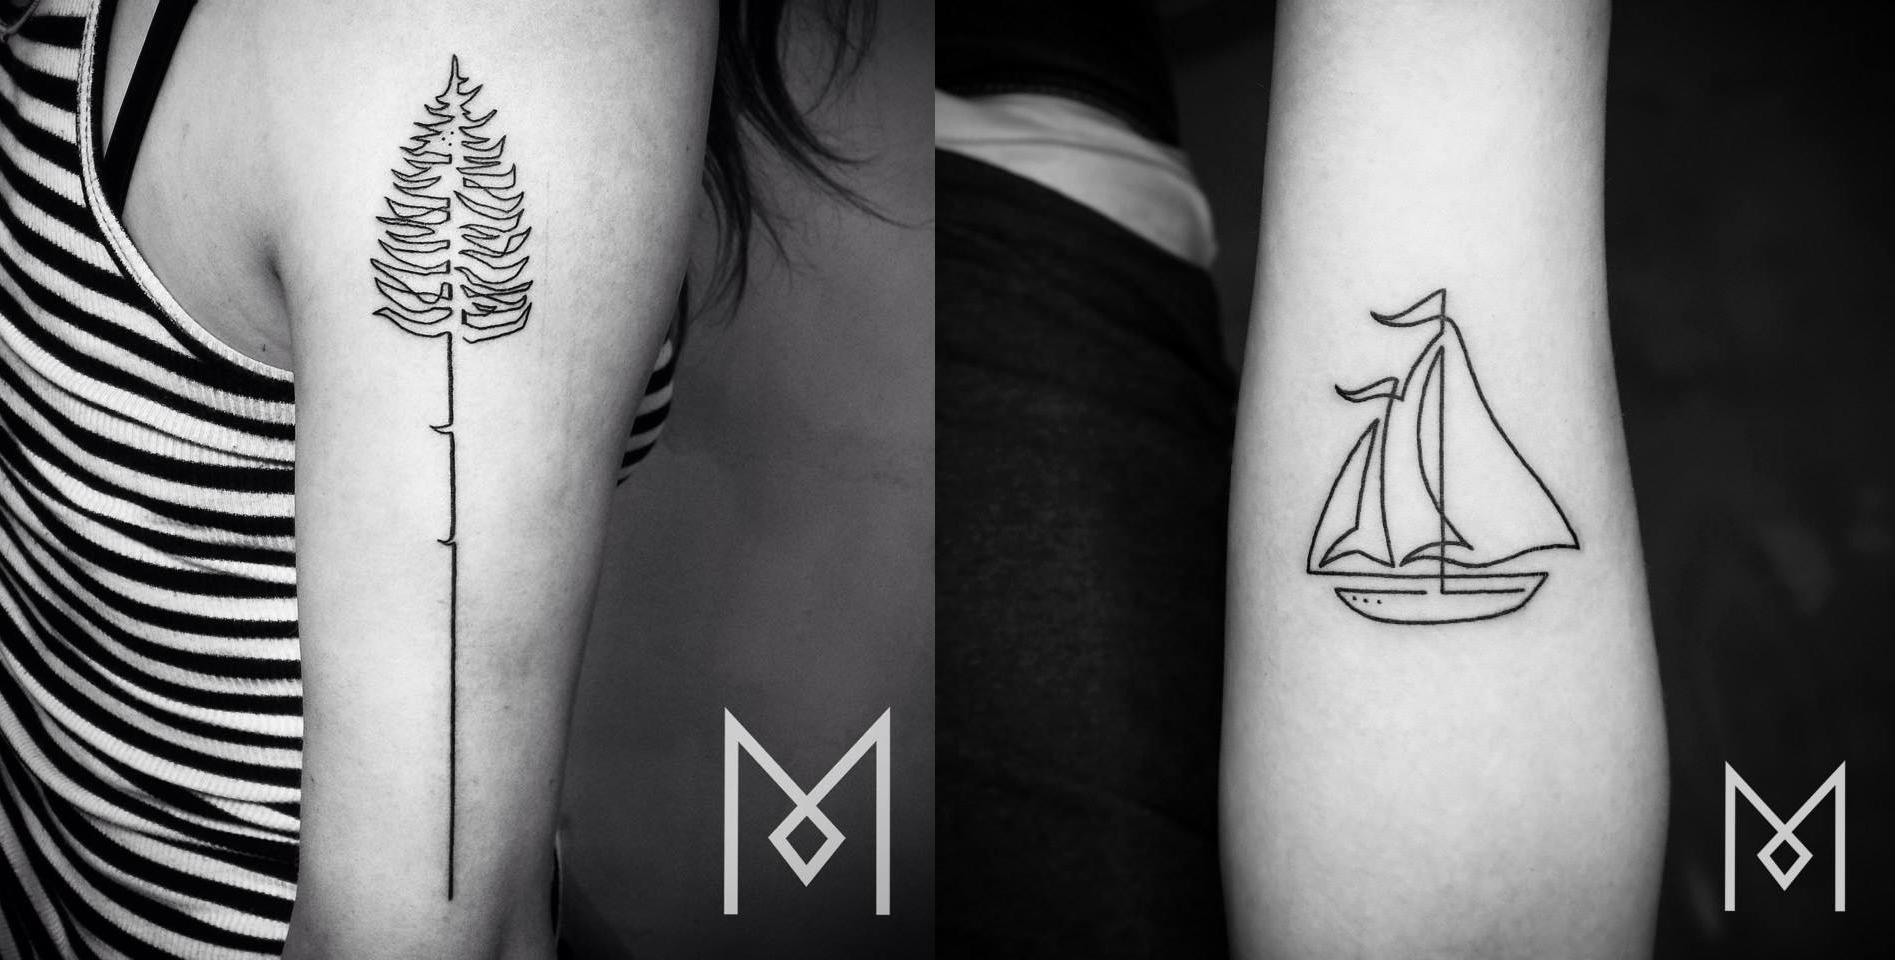 Tatuajes increíblemente bonitos hechos con una sola línea